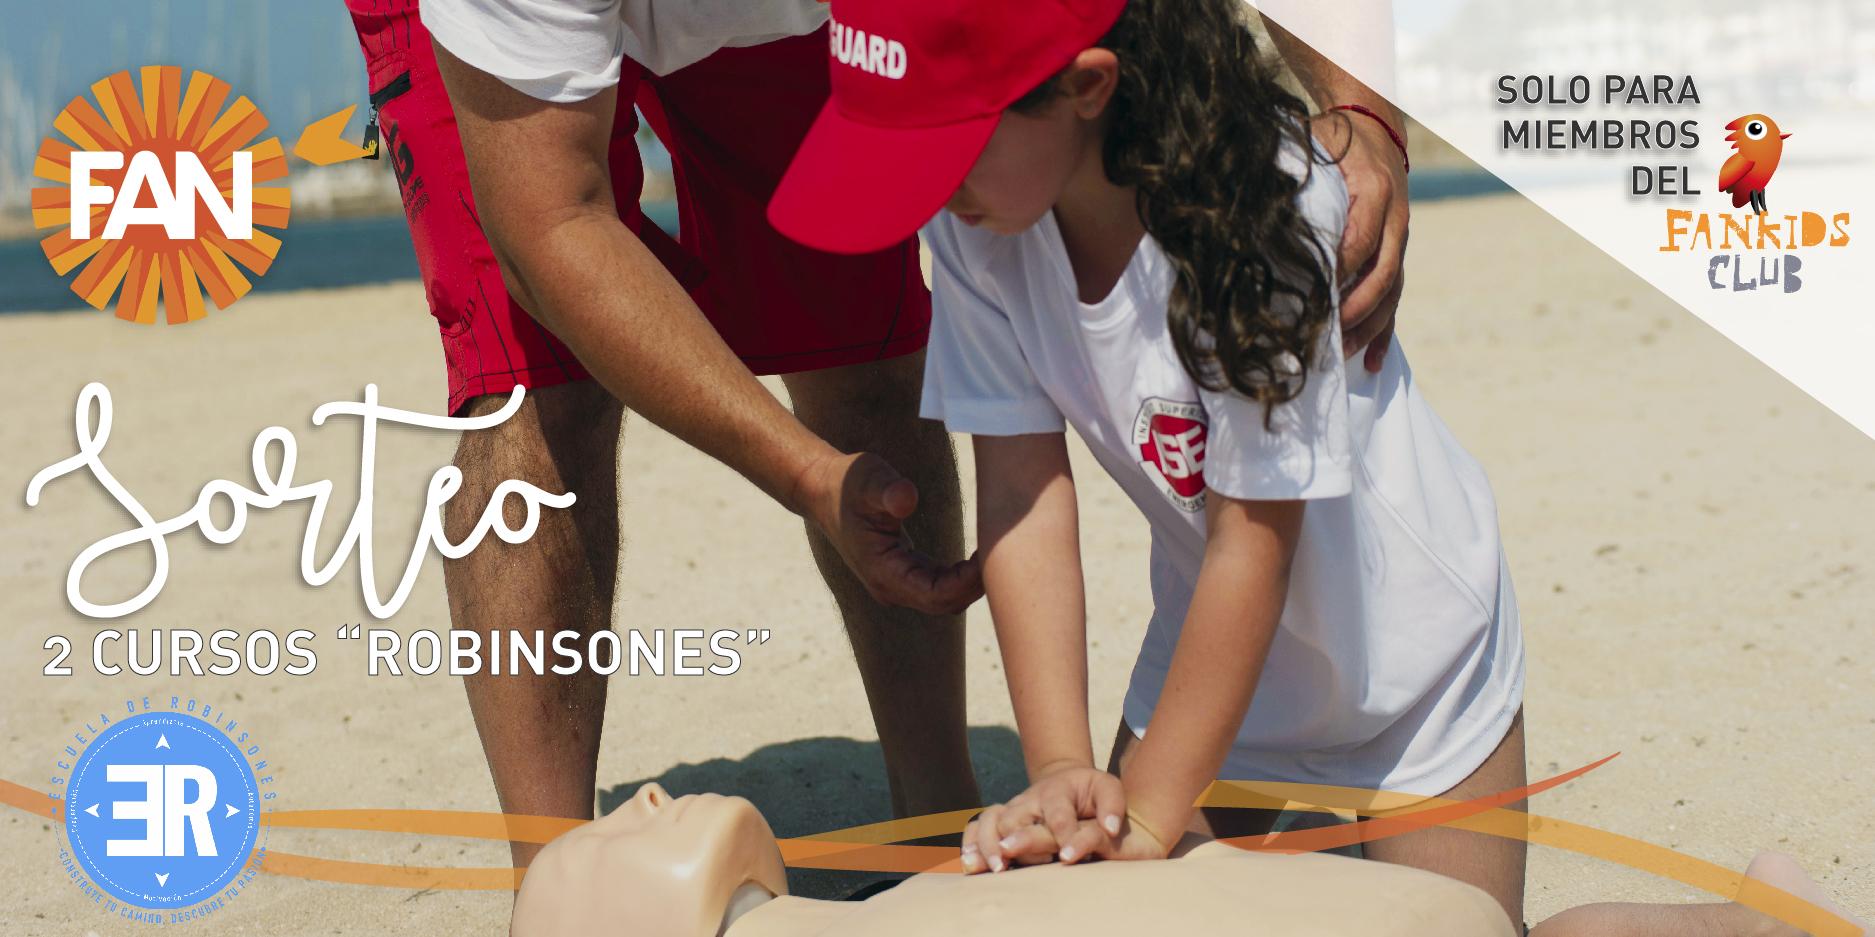 20200721_sorteo cursos robinsones_destacada agenda